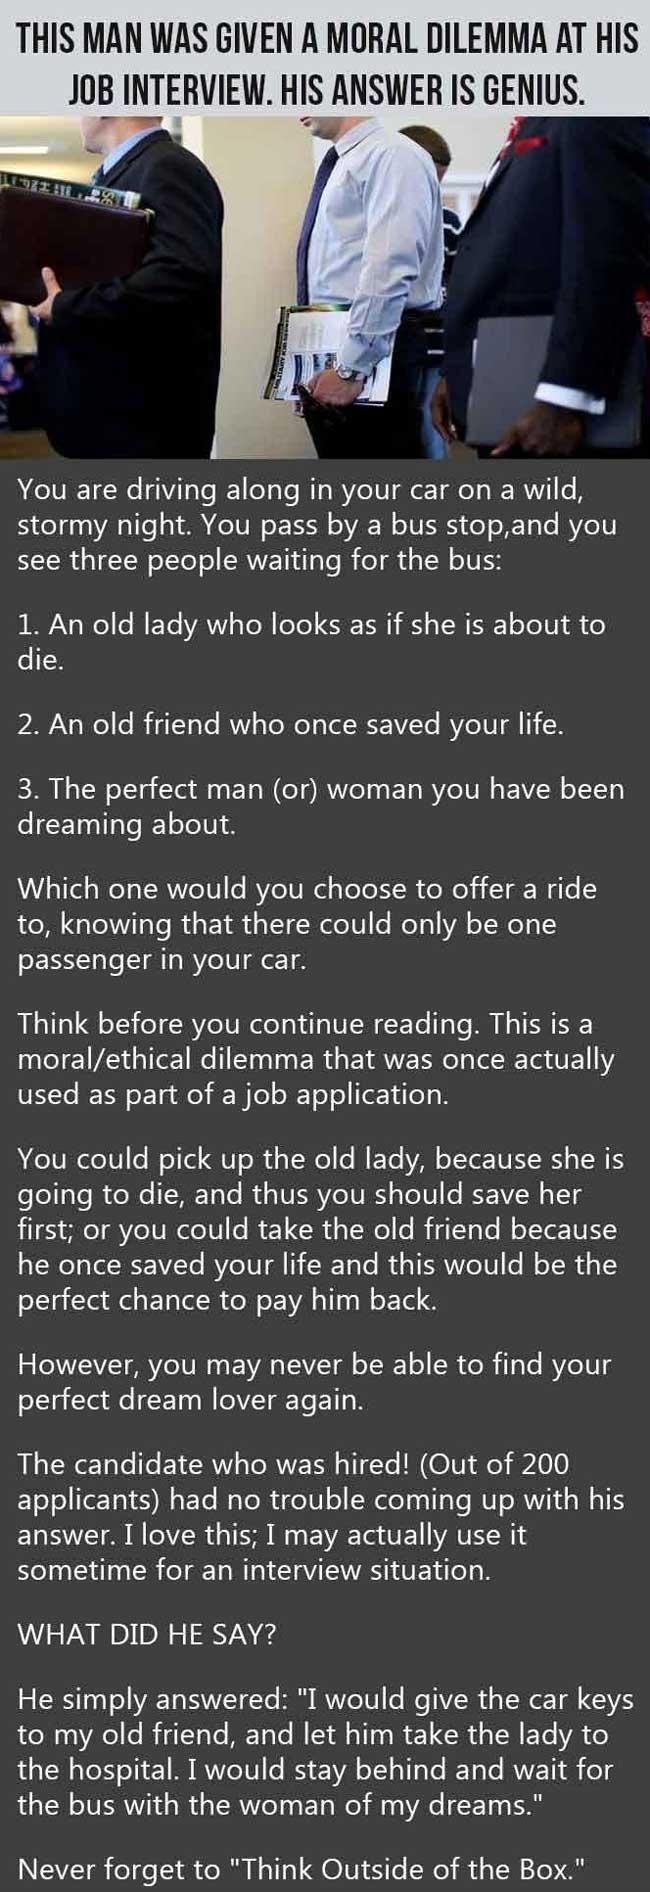 A moral dilemma